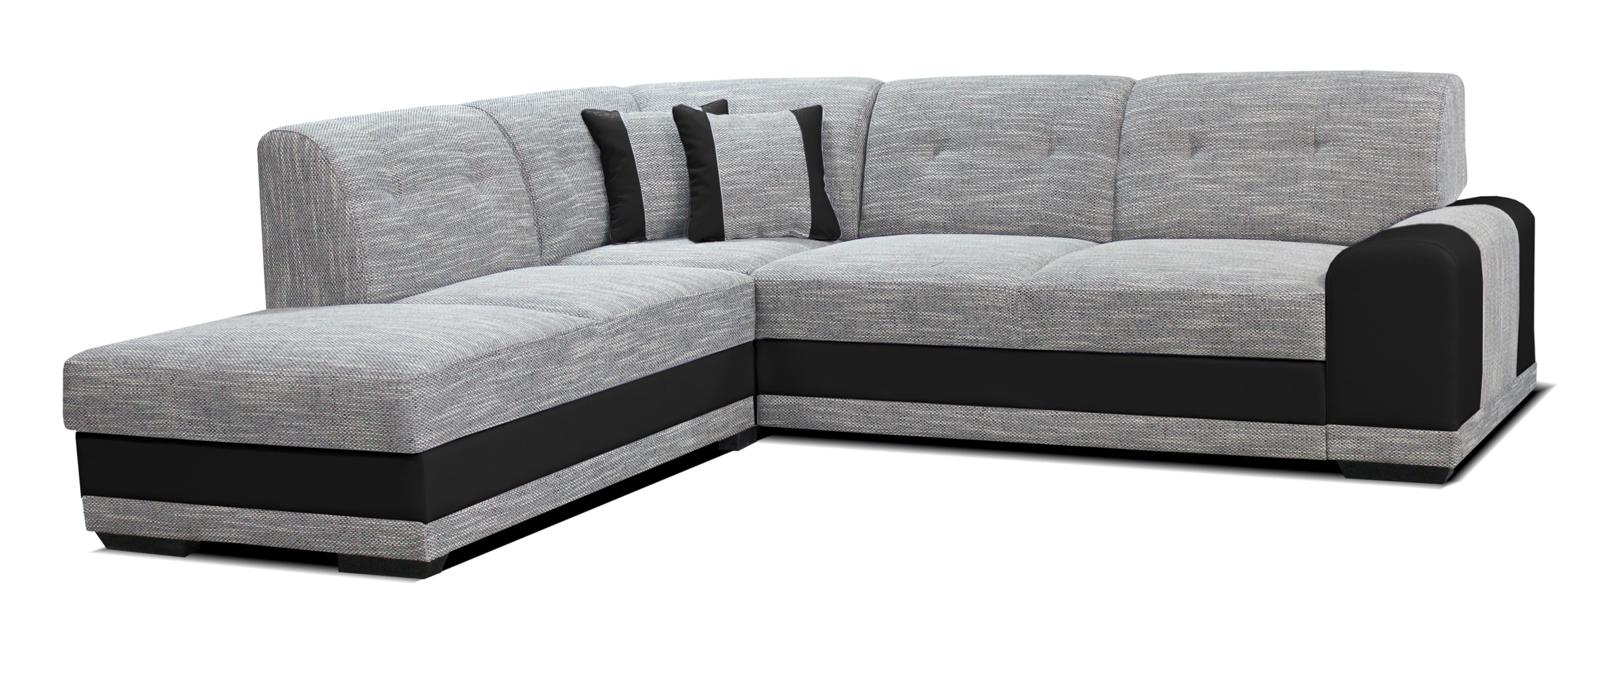 Rohová sedací souprava - Po-Sed - Bella Lux L+2F (šedá + černá) (L)